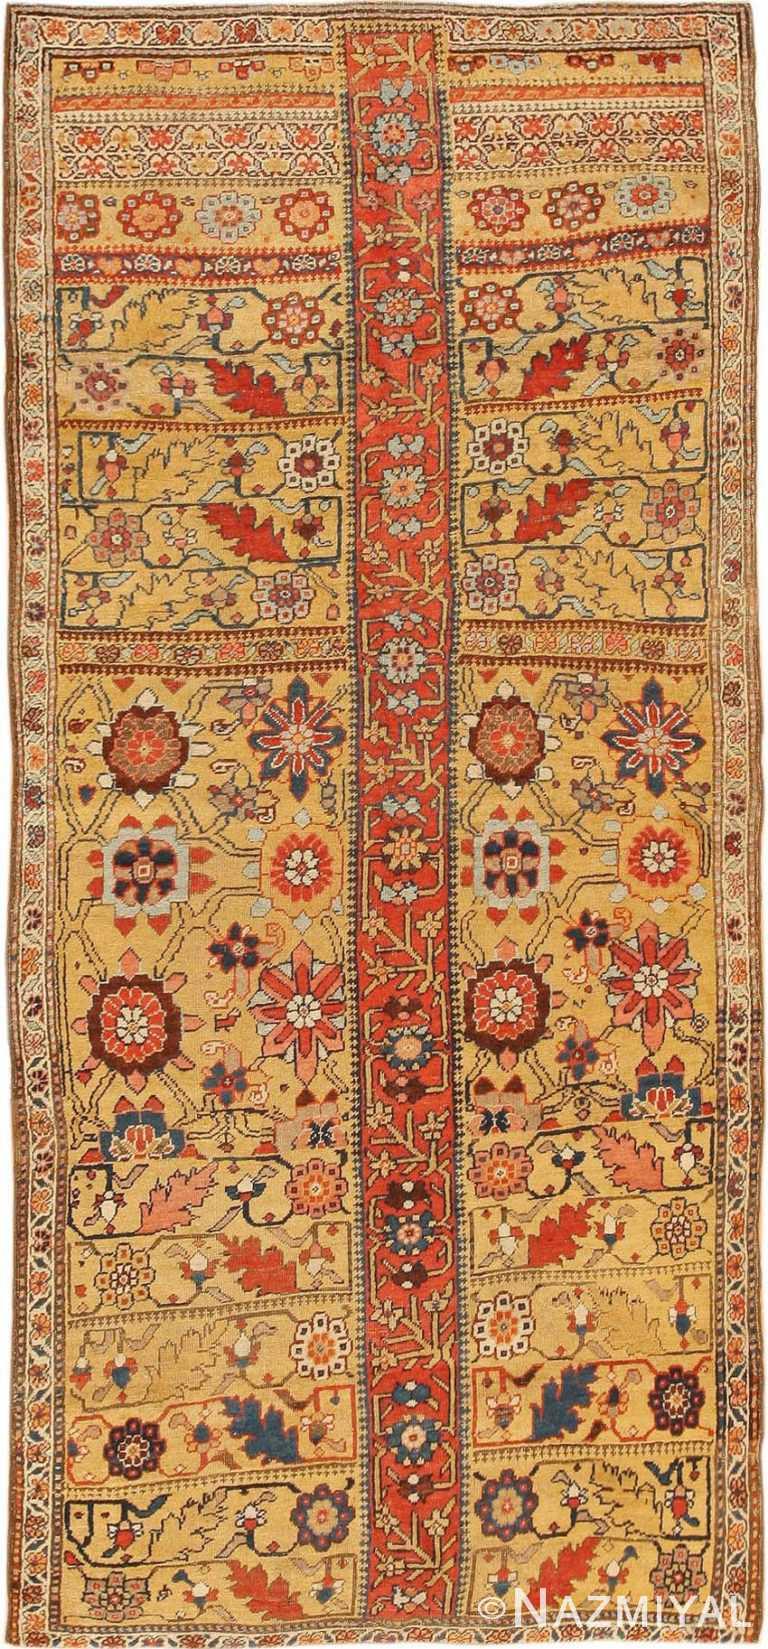 Gold Antique Kurdish Bidjar Persian Sampler Rug #40485 by Nazmiyal Antique Rugs